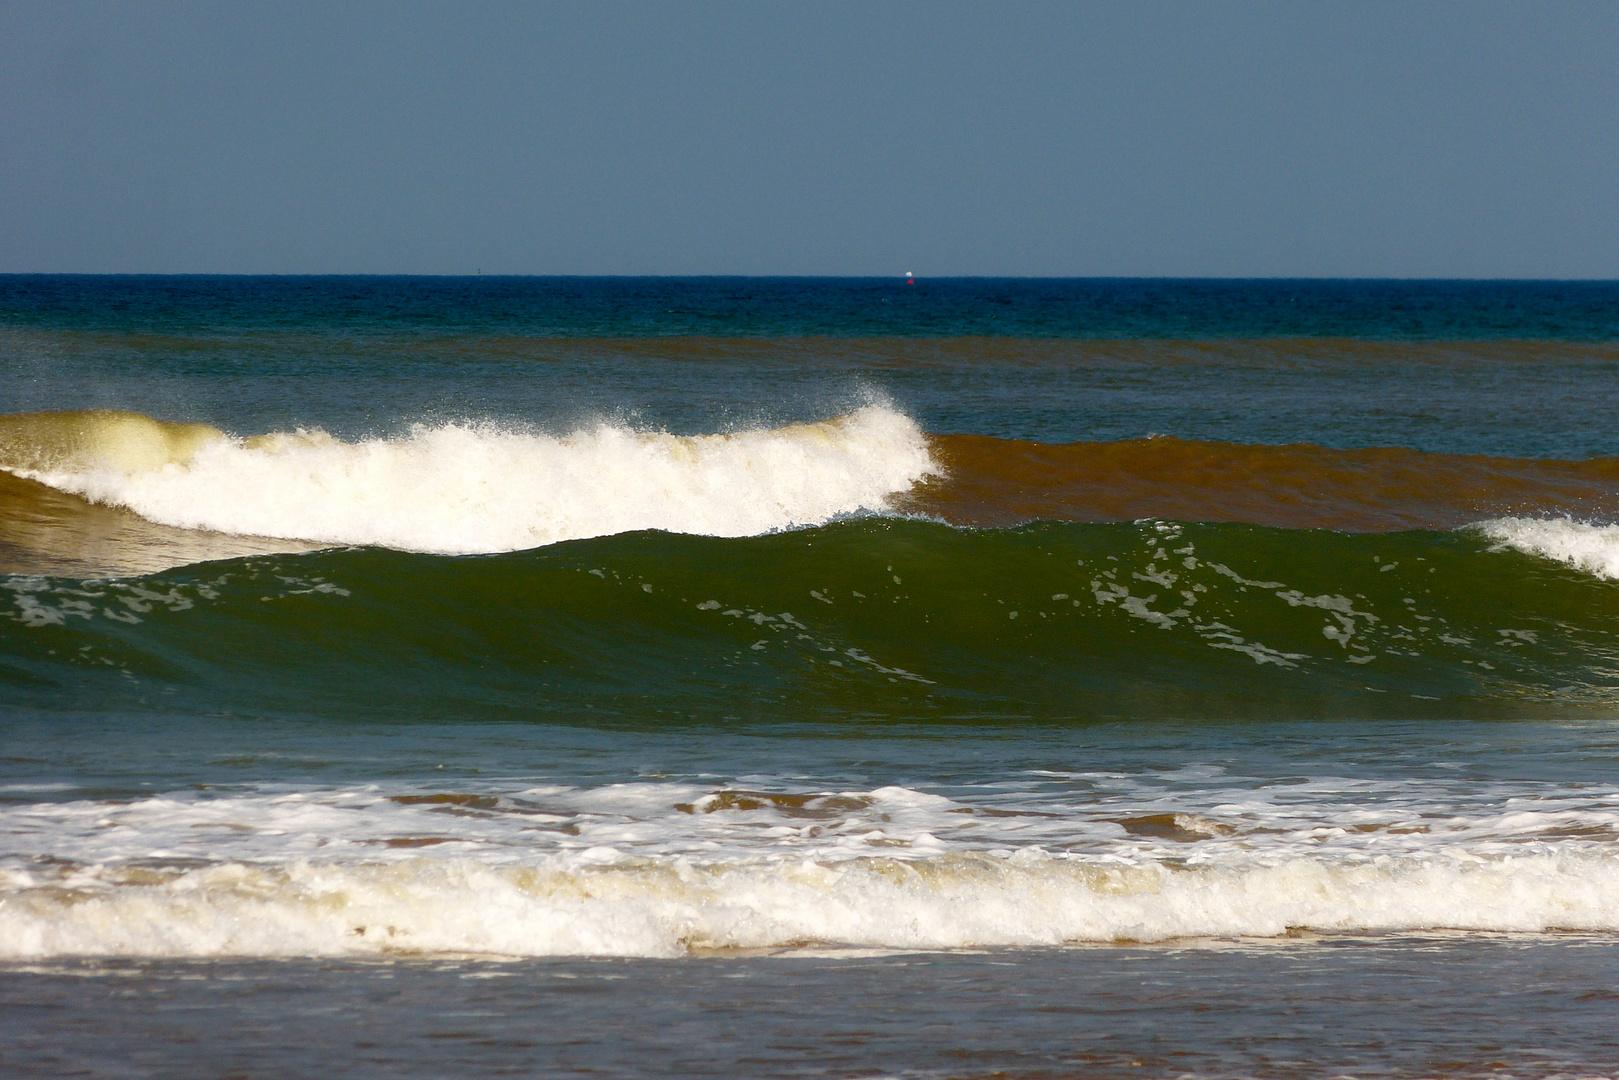 Die gruene Welle ...